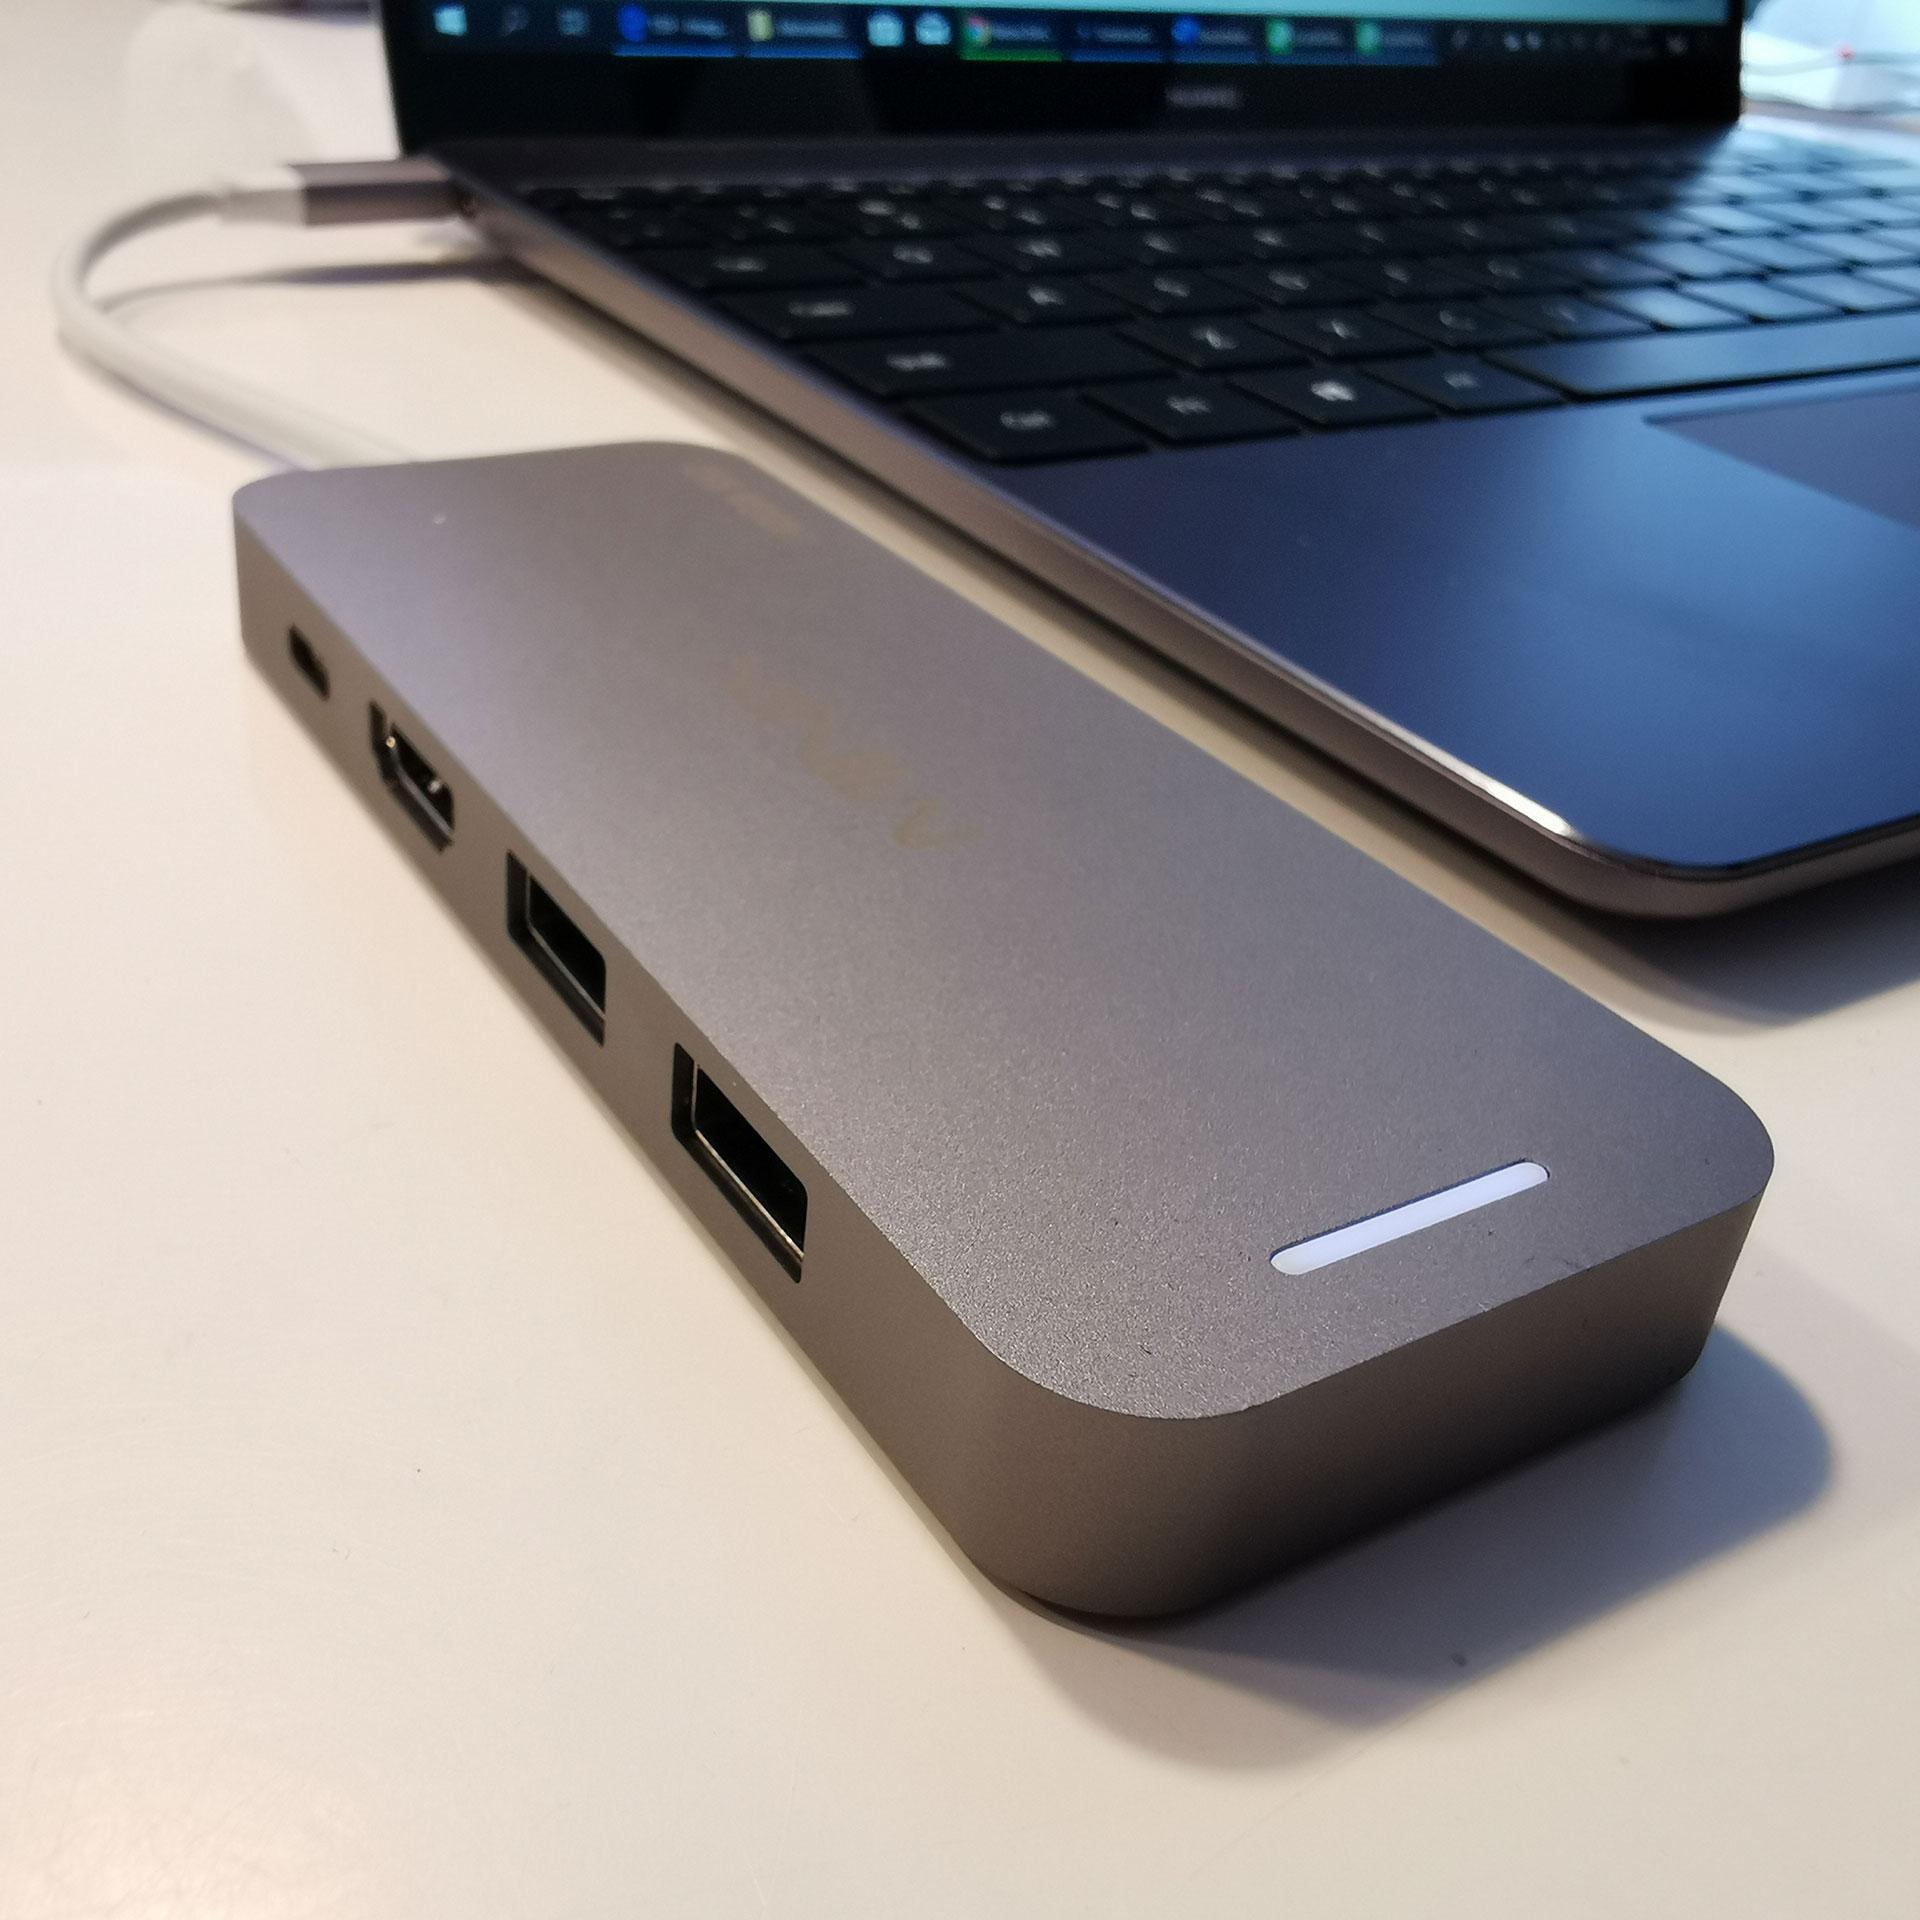 Minix USB-C Multiport Storage Hub 240GB